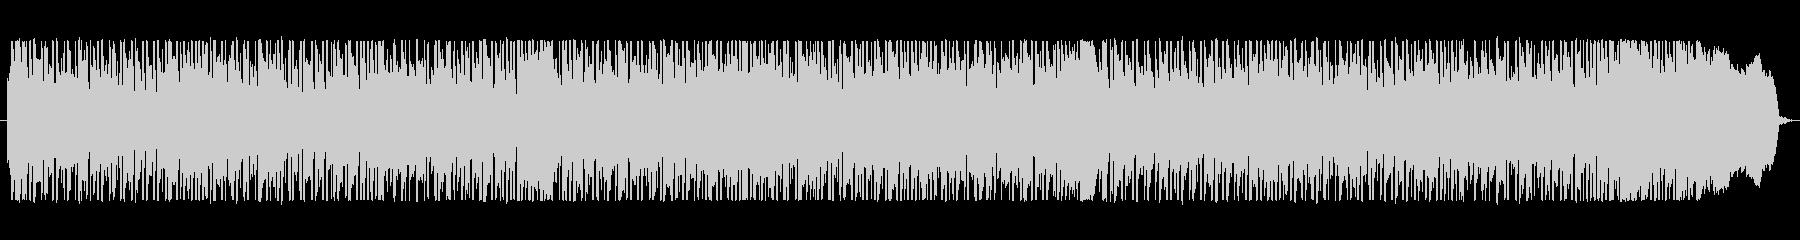 レッチリ風ファンクロックバンドサウンドの未再生の波形